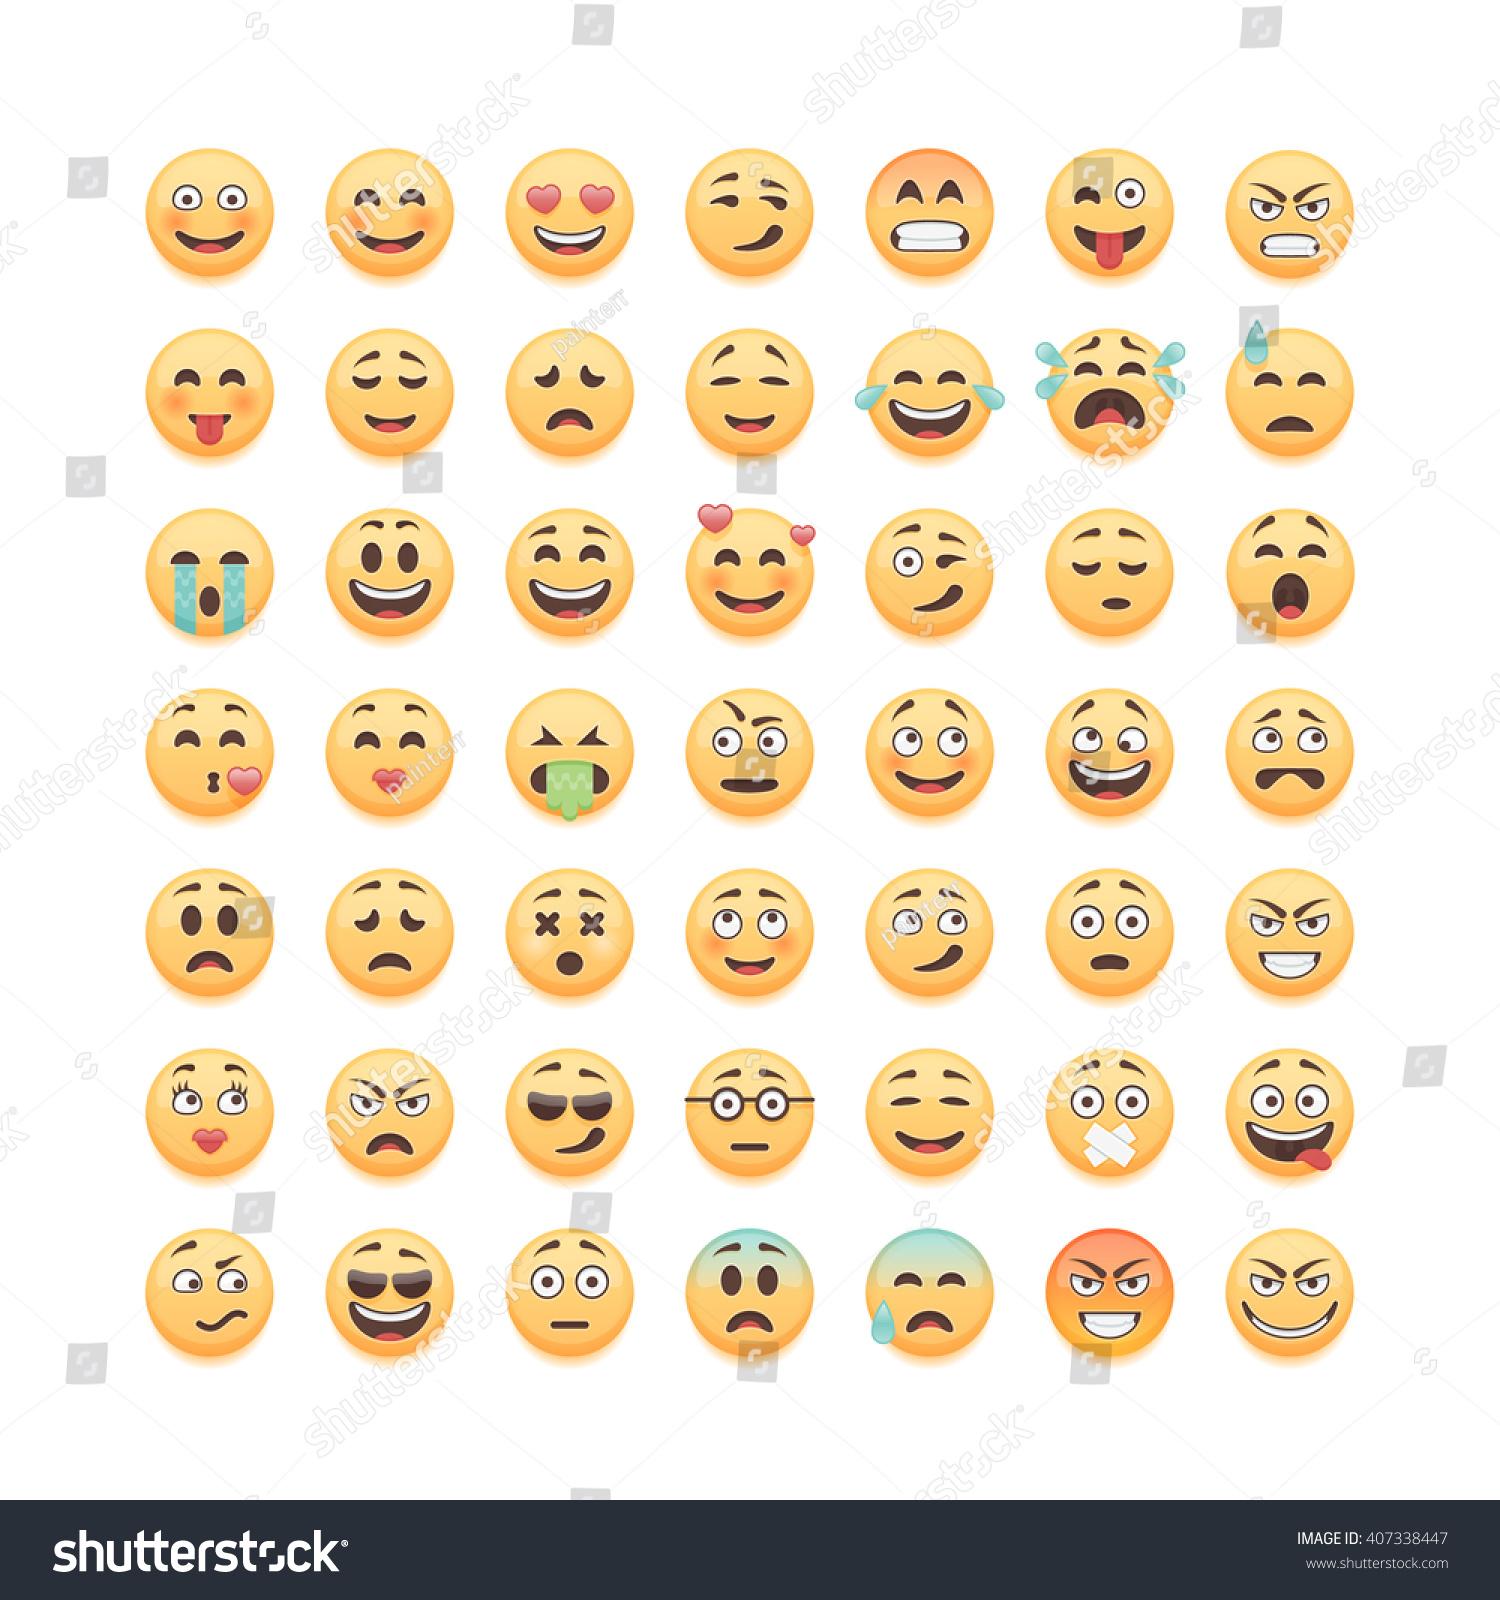 Set of emoticons emoji isolated on white background vector illustration